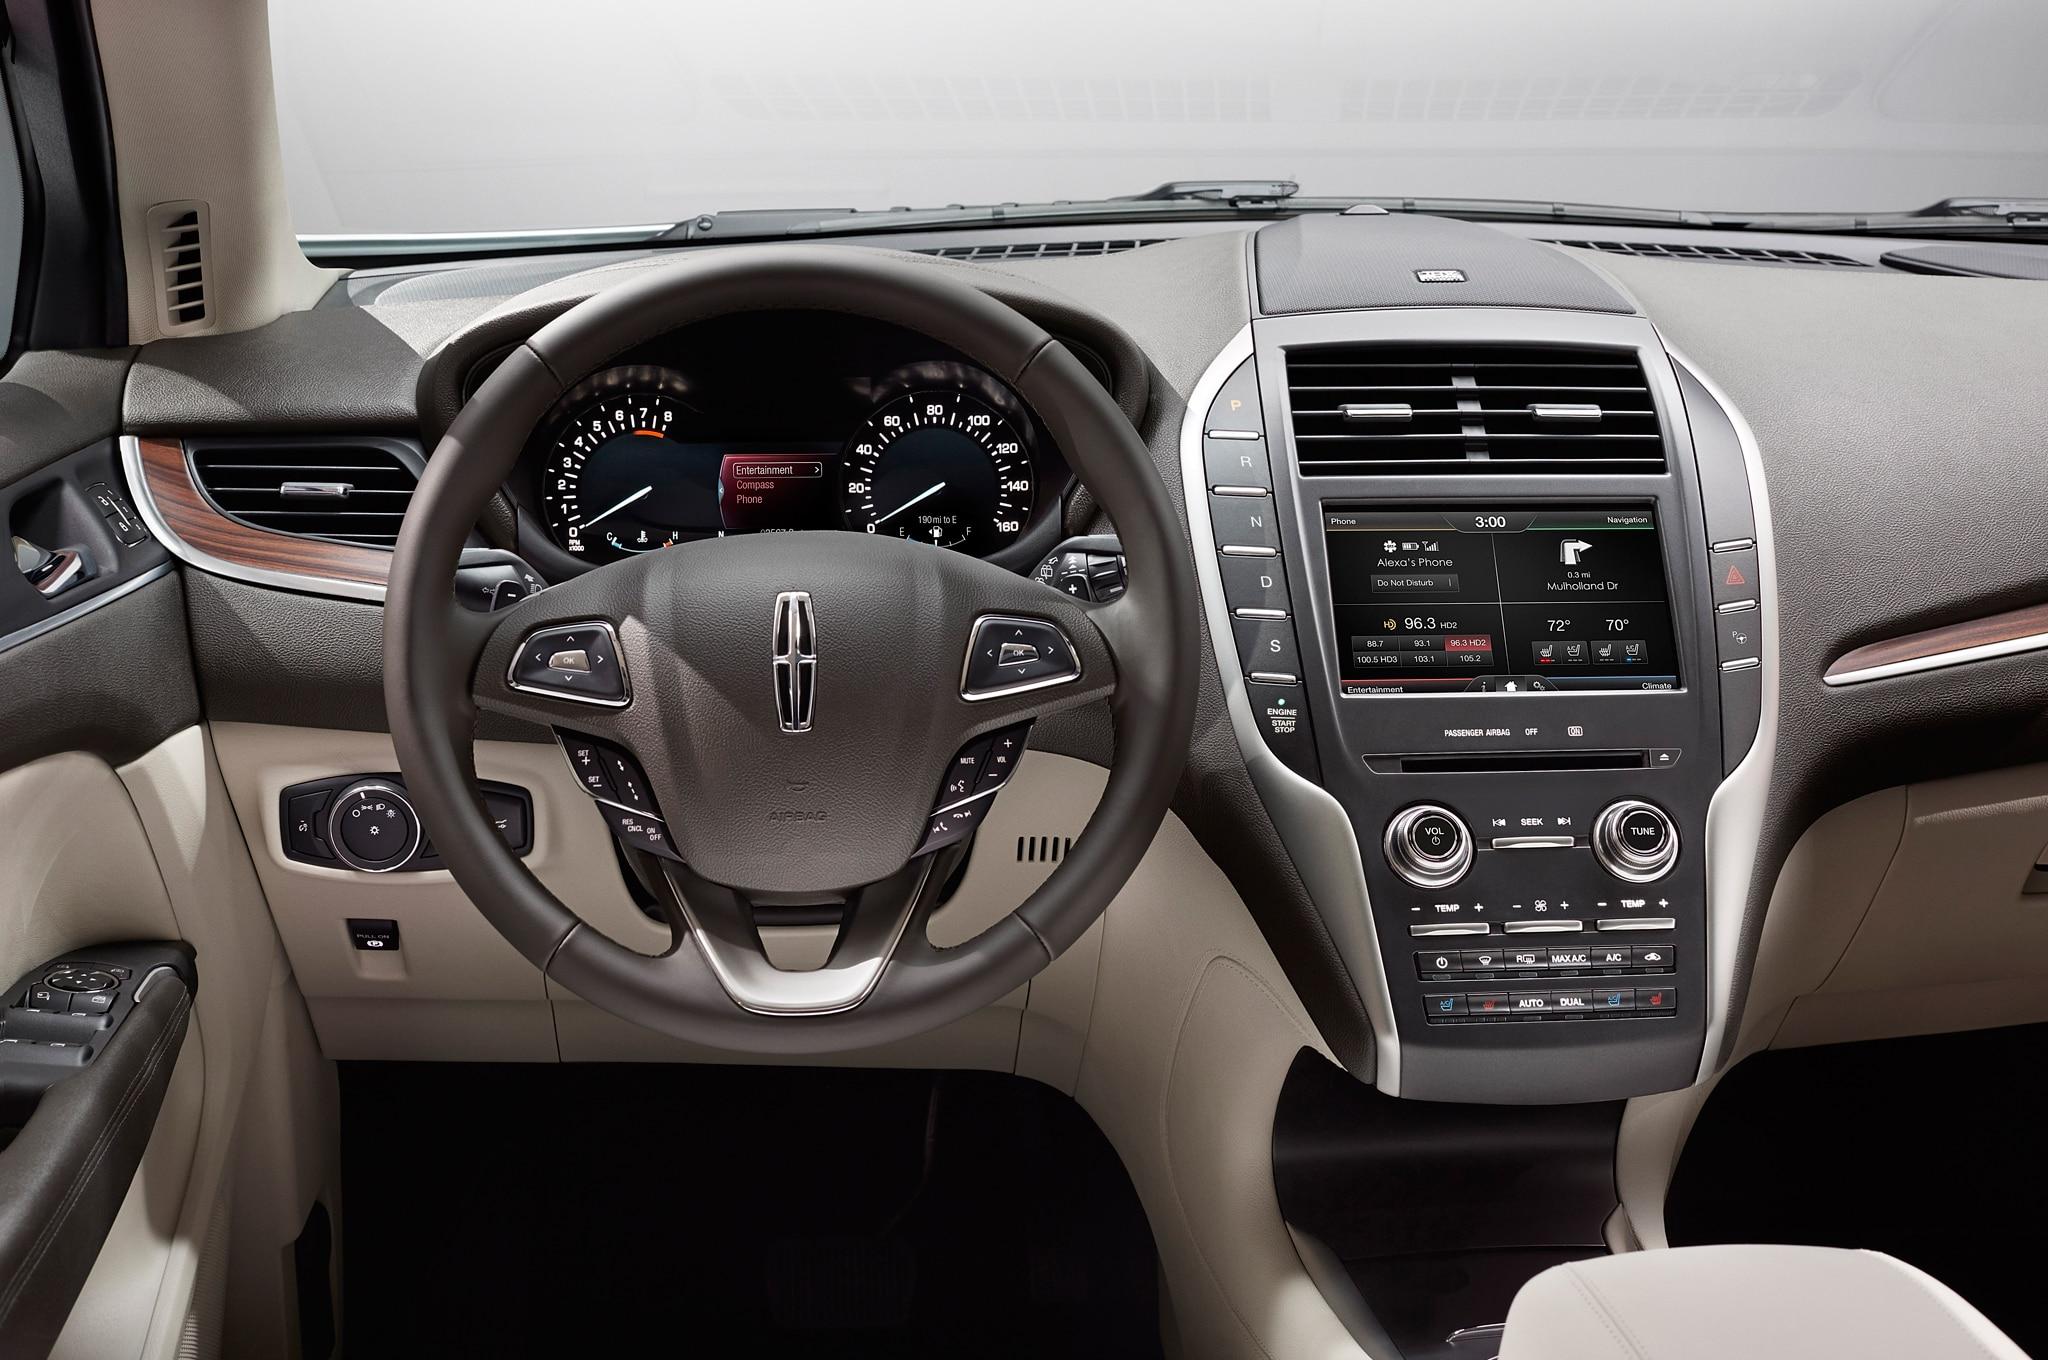 https://st.automobilemag.com/uploads/sites/11/2014/06/2015-Lincoln-MKC-cockpit.jpg